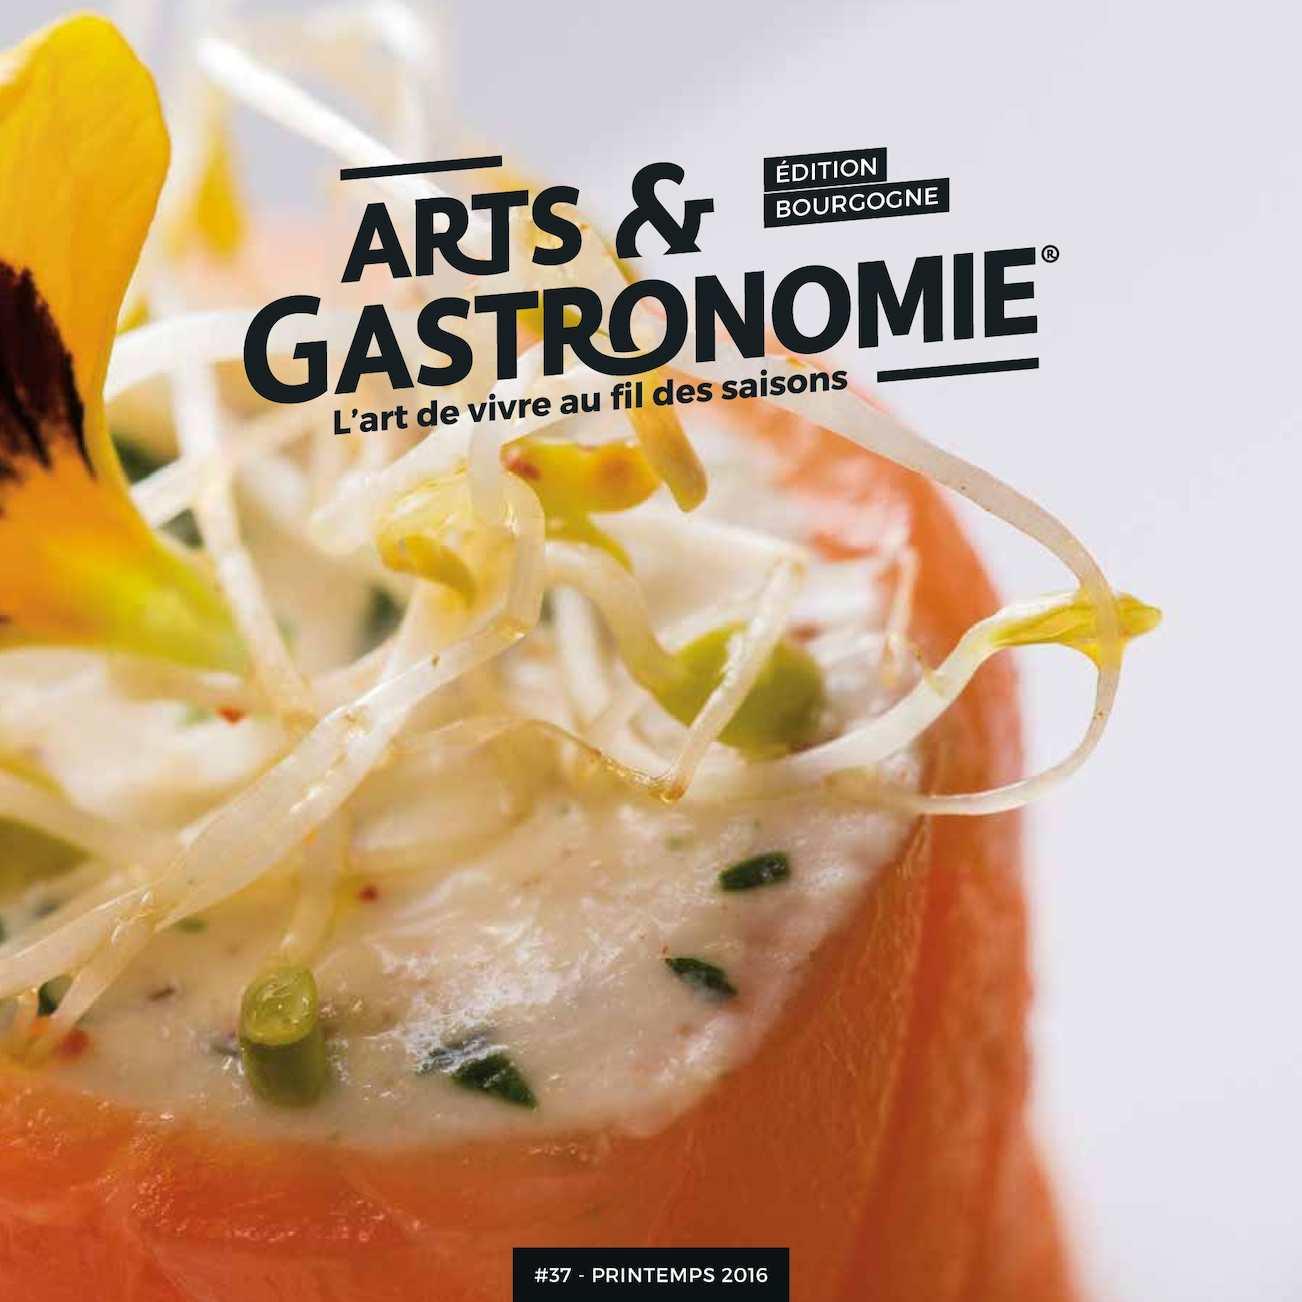 Arts & Gastronomie Bourgogne n°37 - Printemps 2016